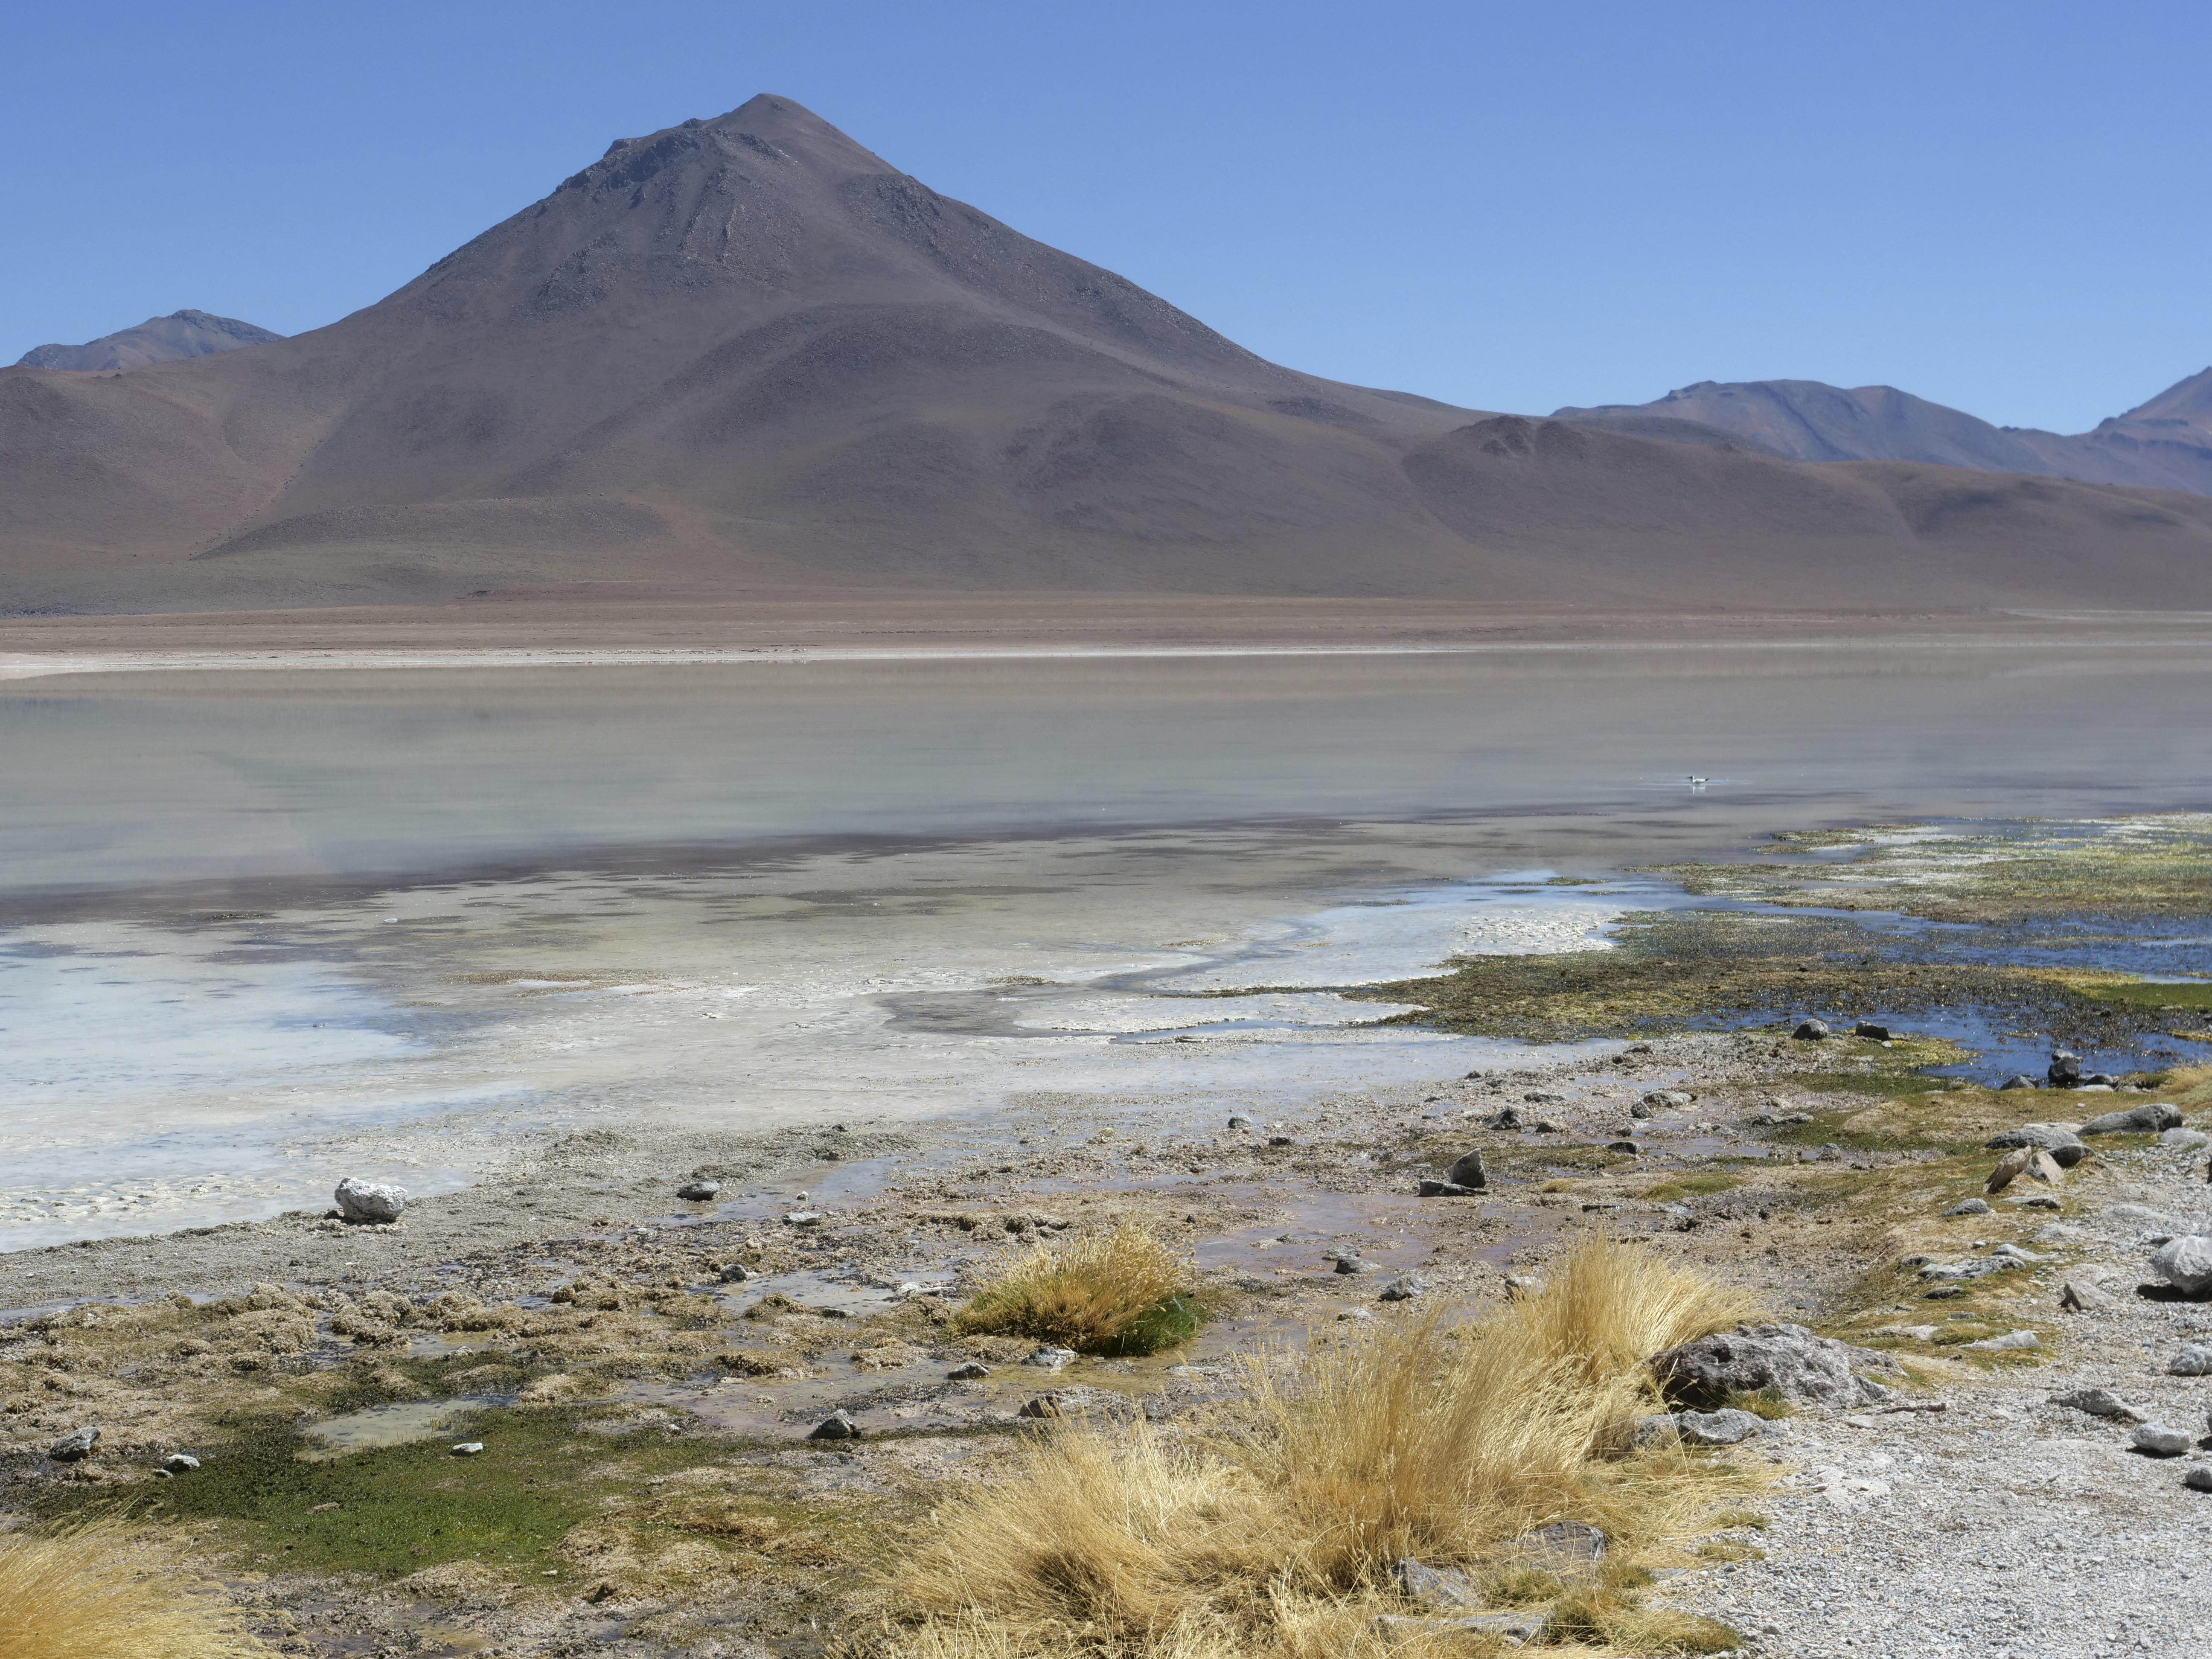 Alig esett hó az Andokban, megaszárazság sújtja a dél-amerikai hegységet